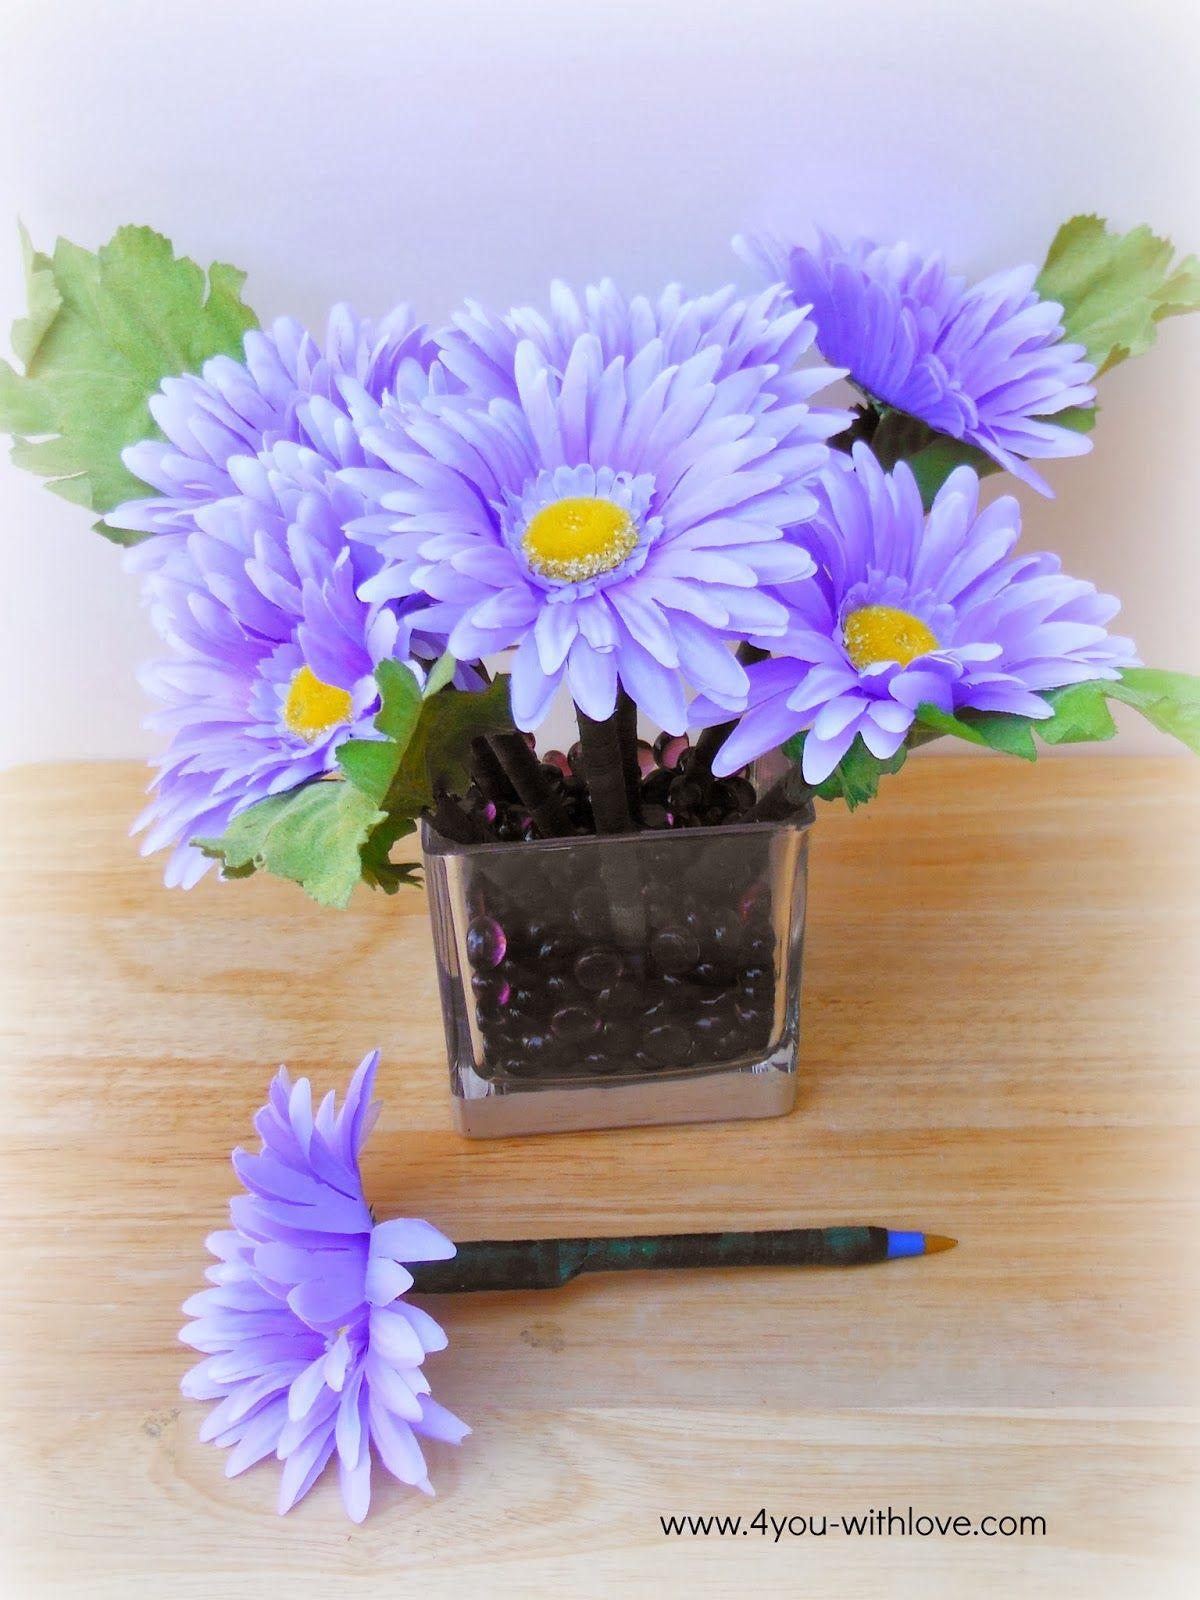 50 Flower Crafts for Spring   Flower pens, Diy flower and Flower crafts